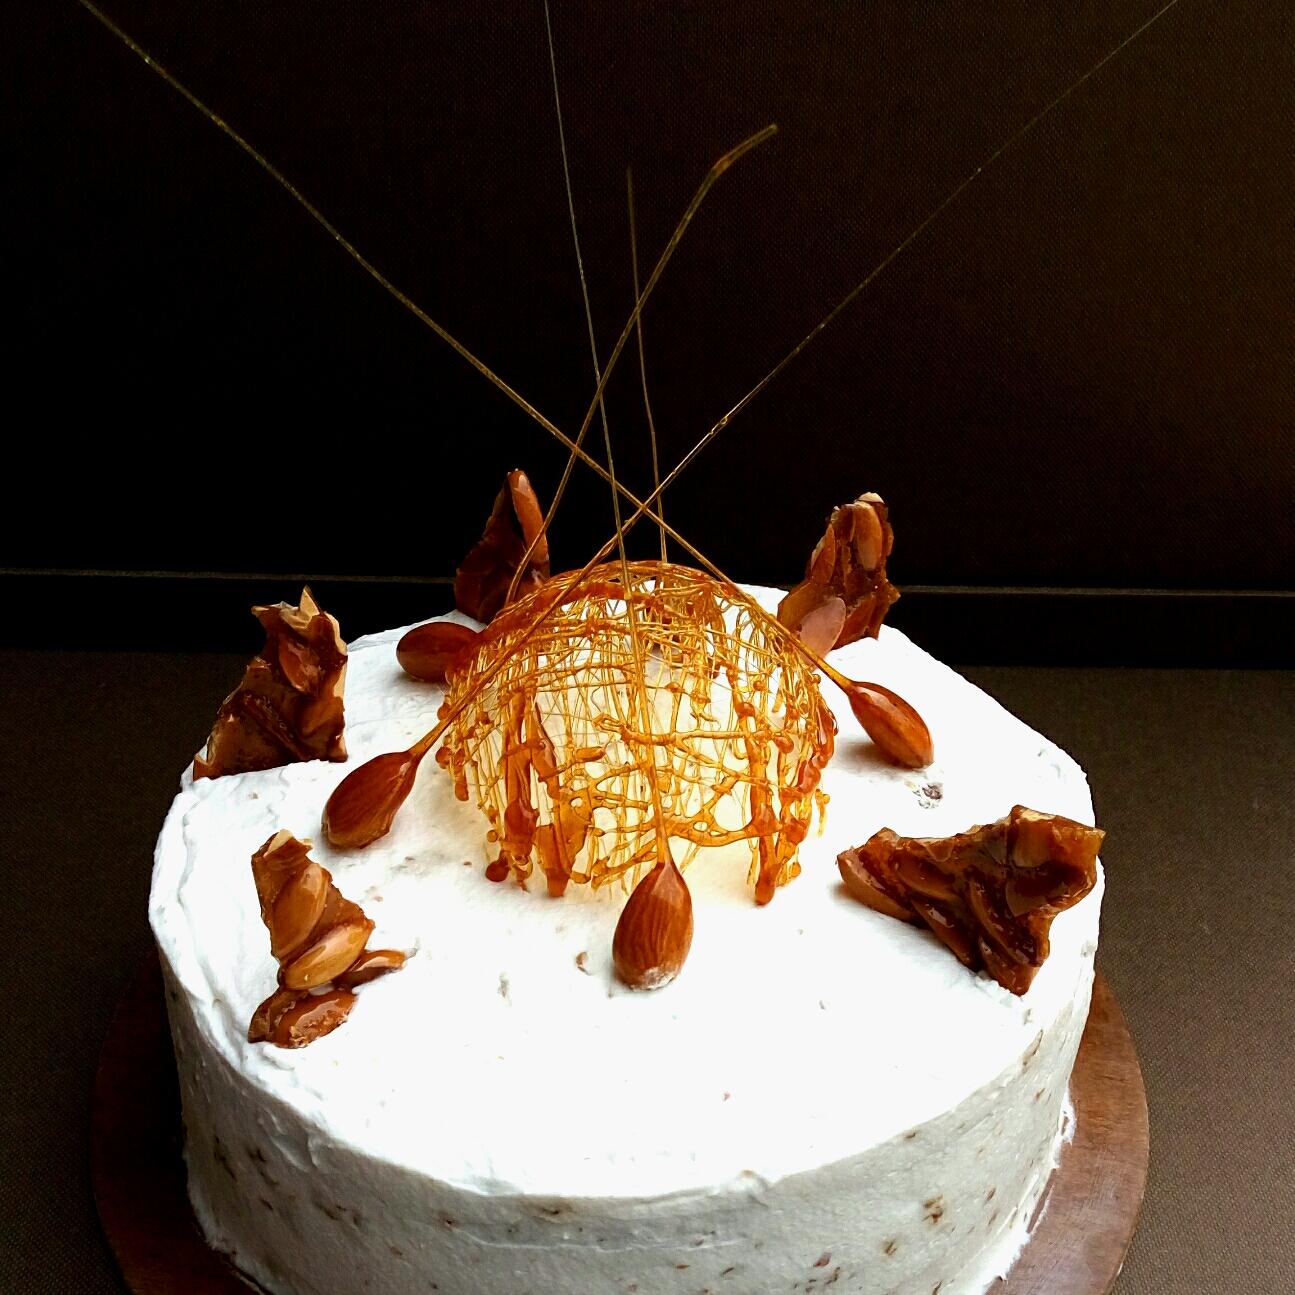 Almond brittle cake